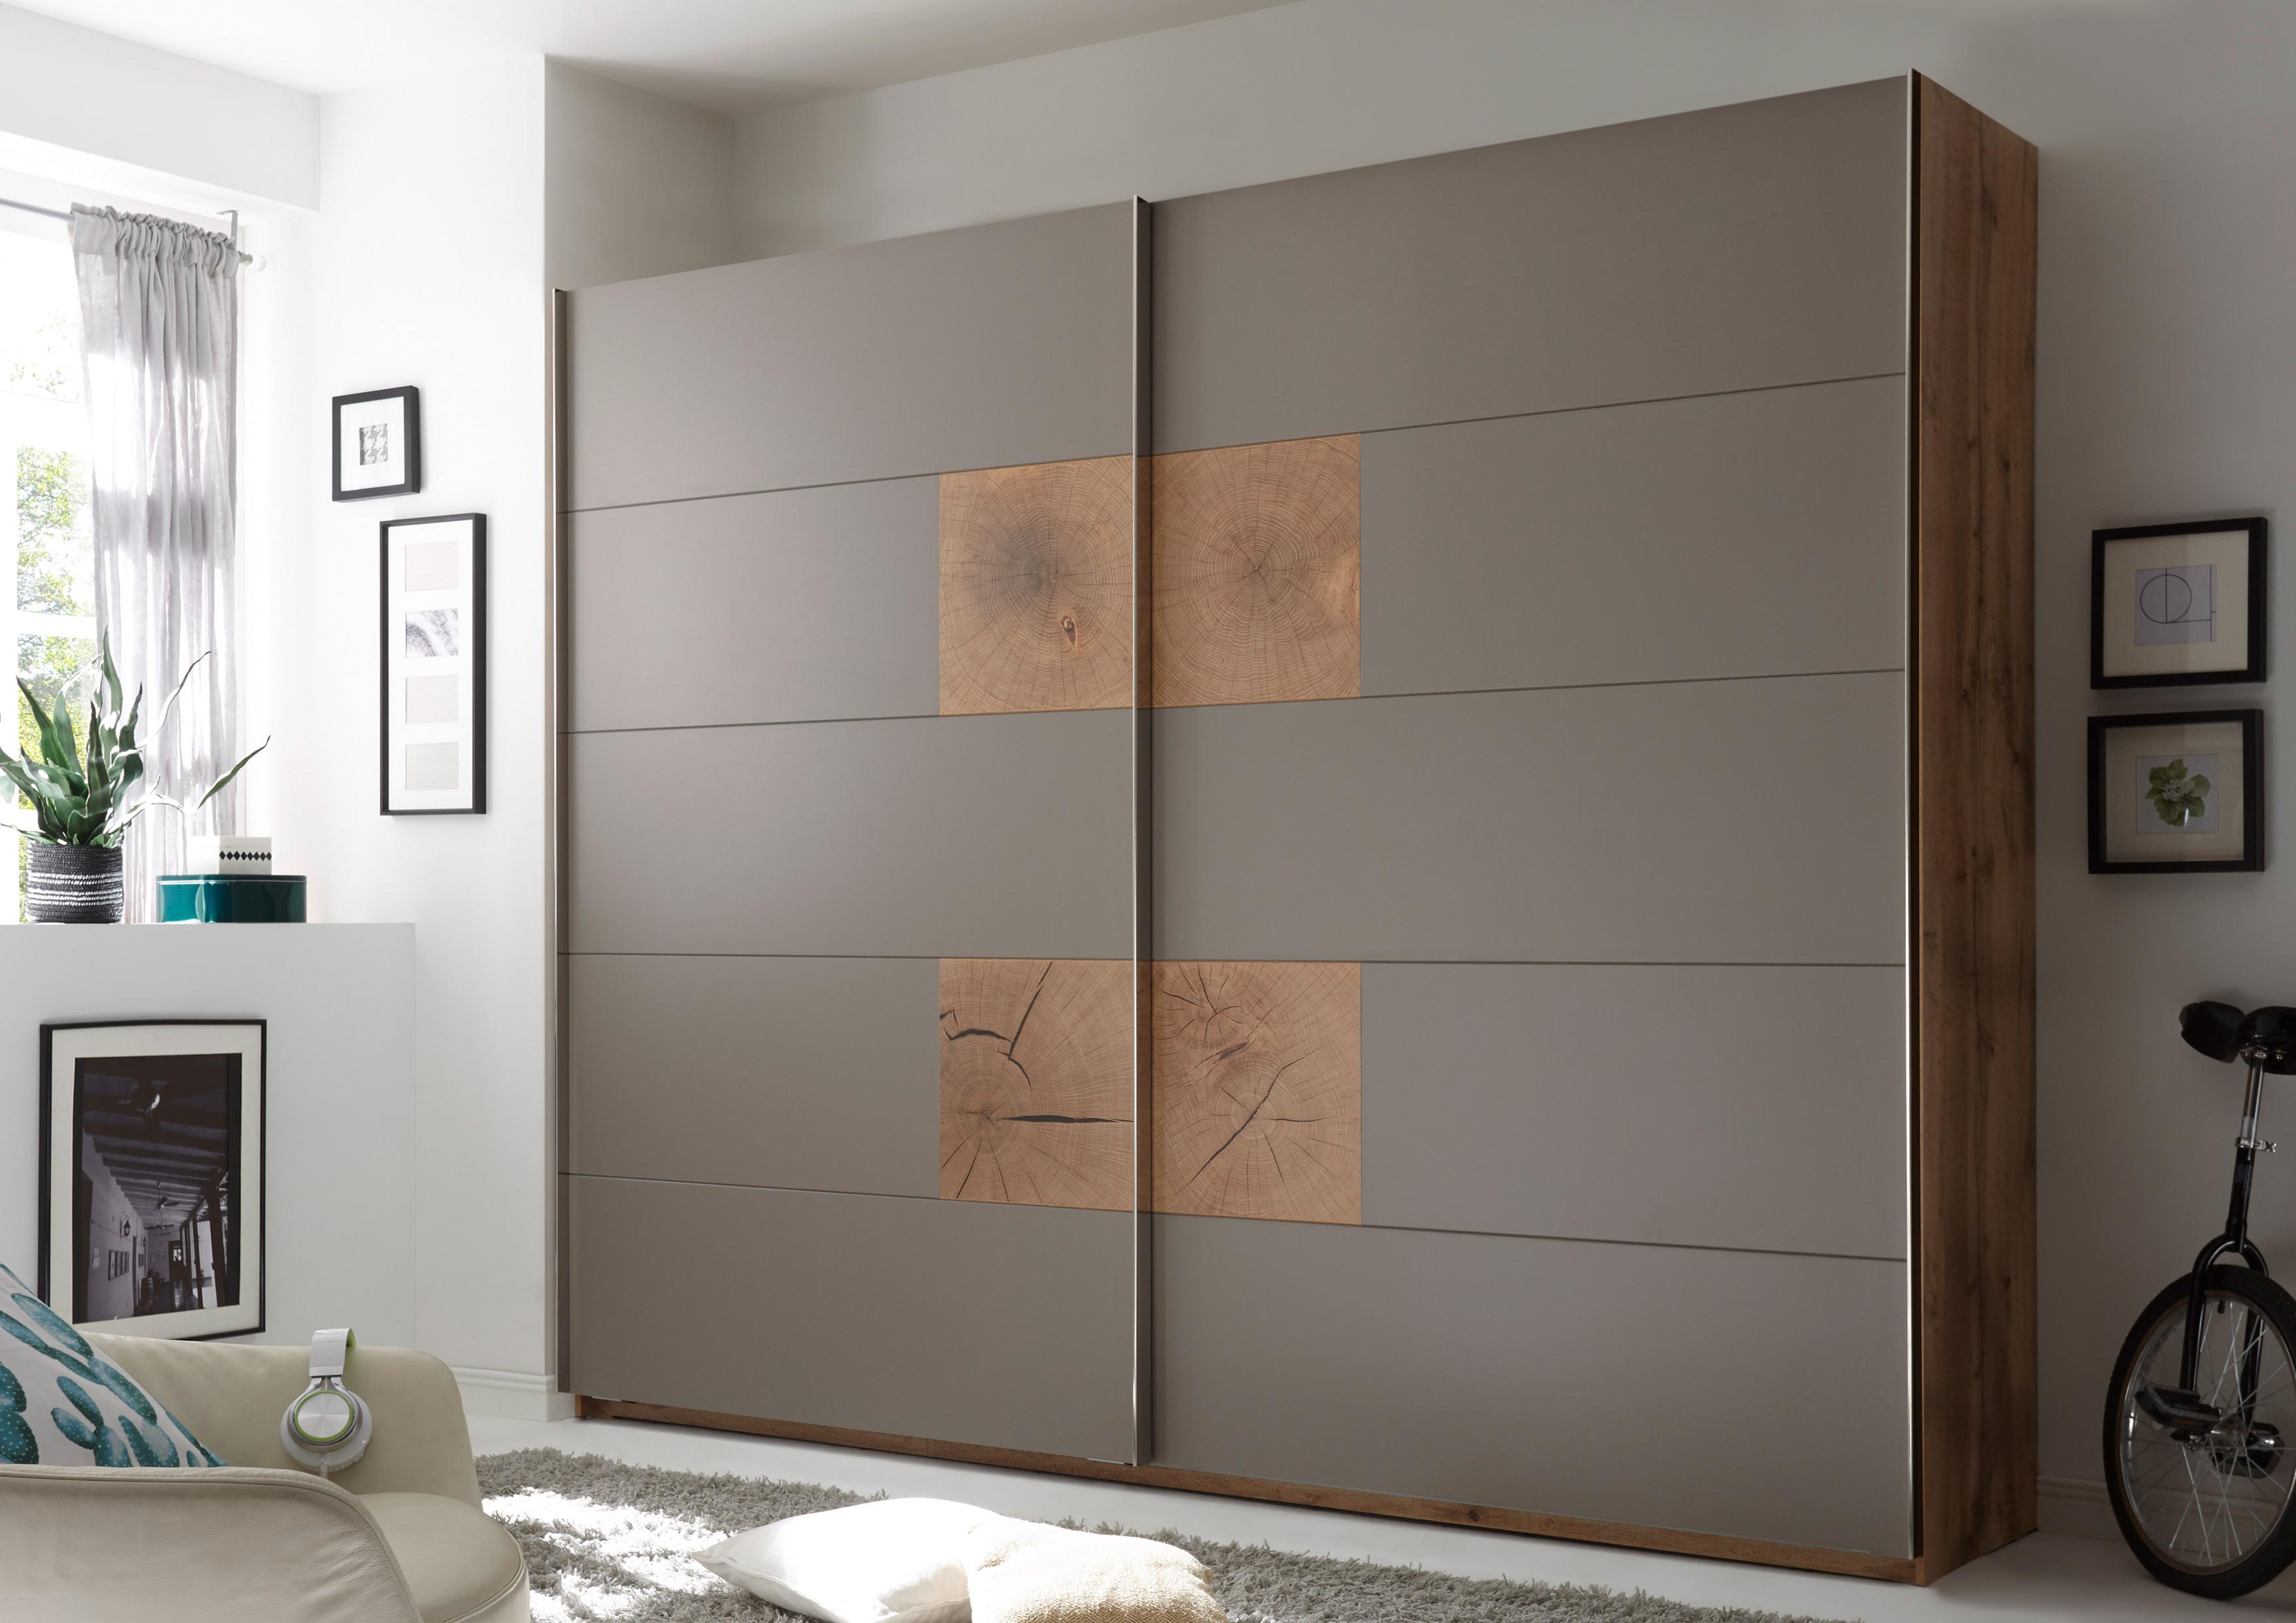 schwebet renschrank capri kleiderschrank schrank schlafzimmer grau eiche 270cm ebay. Black Bedroom Furniture Sets. Home Design Ideas